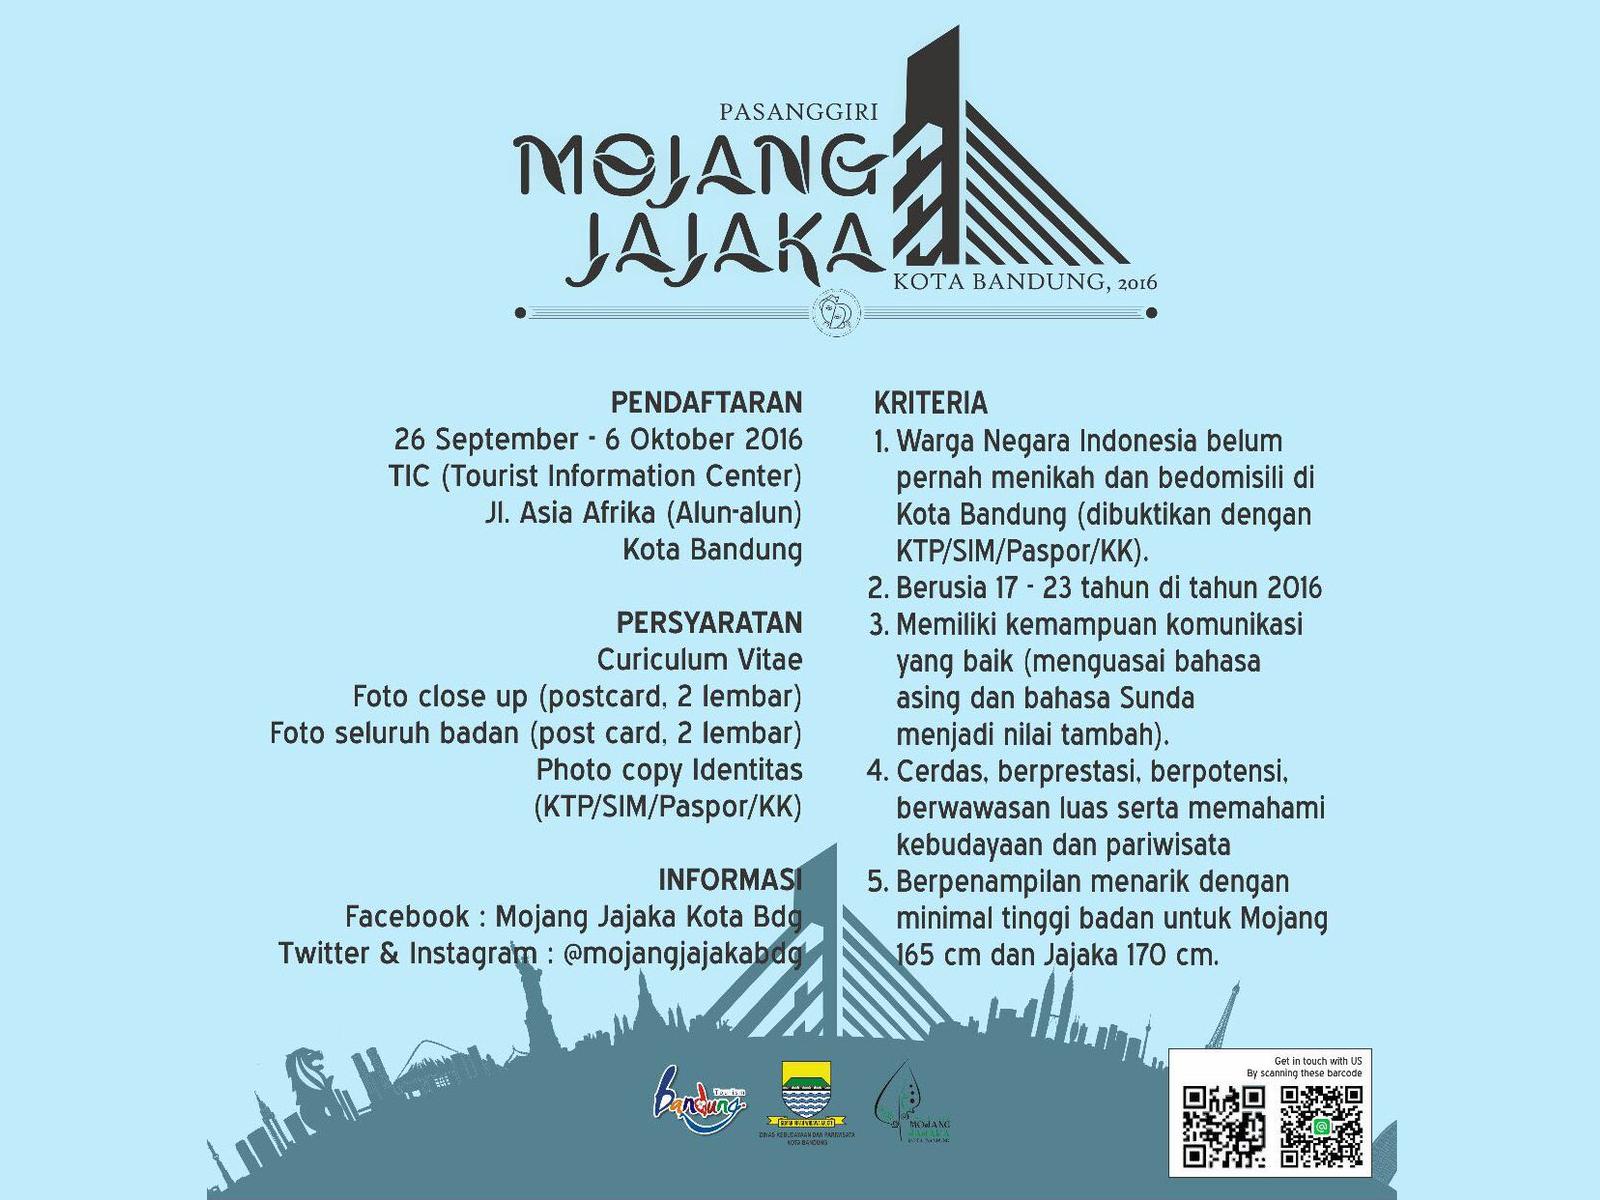 Pasanggiri Mojang Jajaka Kota Bandung 2016